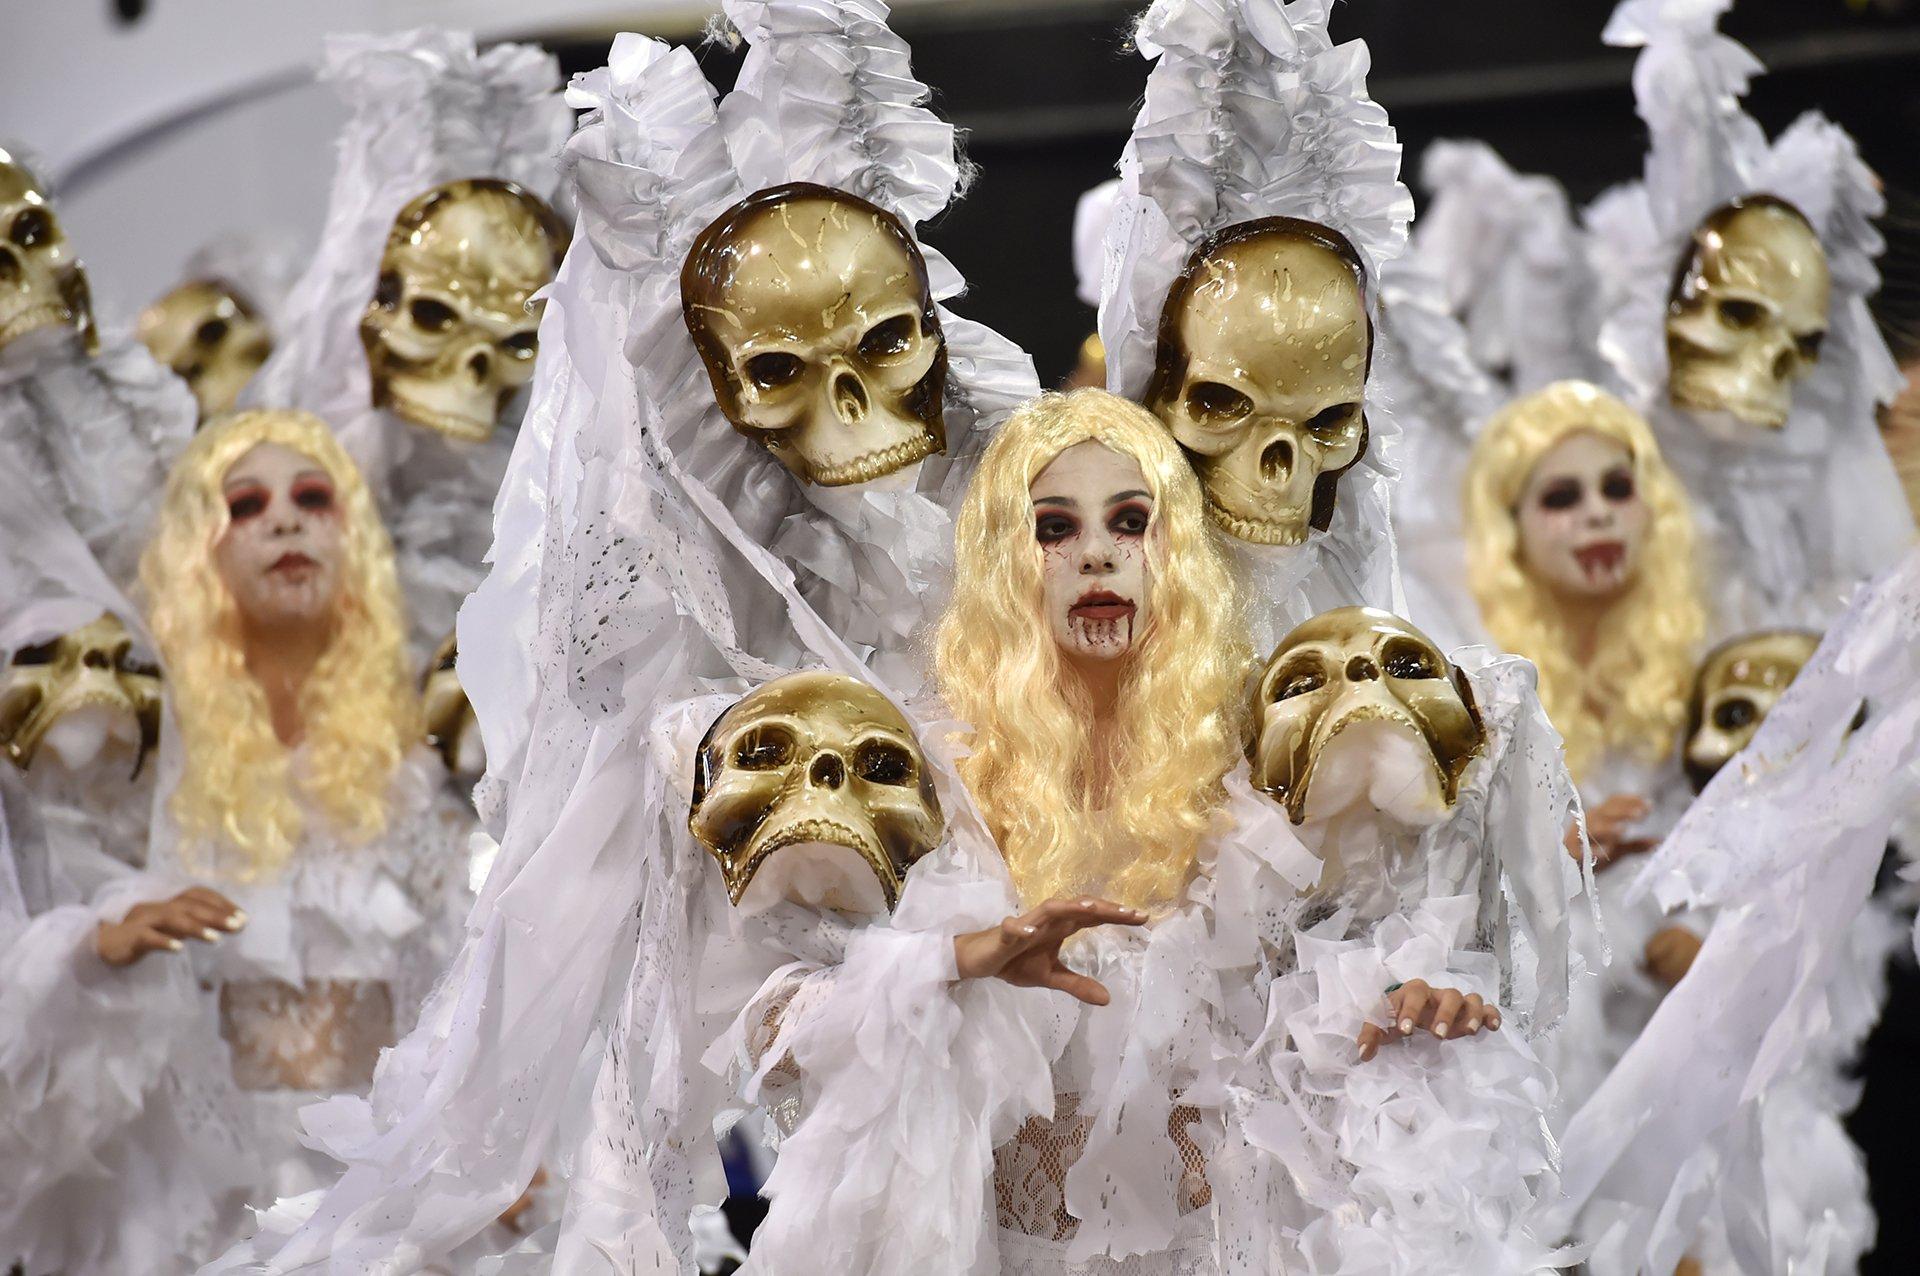 Calaveras en la scola Gavioes da Fiel.Este año,los festejos del carnaval en Brasil estan marcados por la irrupción del virus zika.